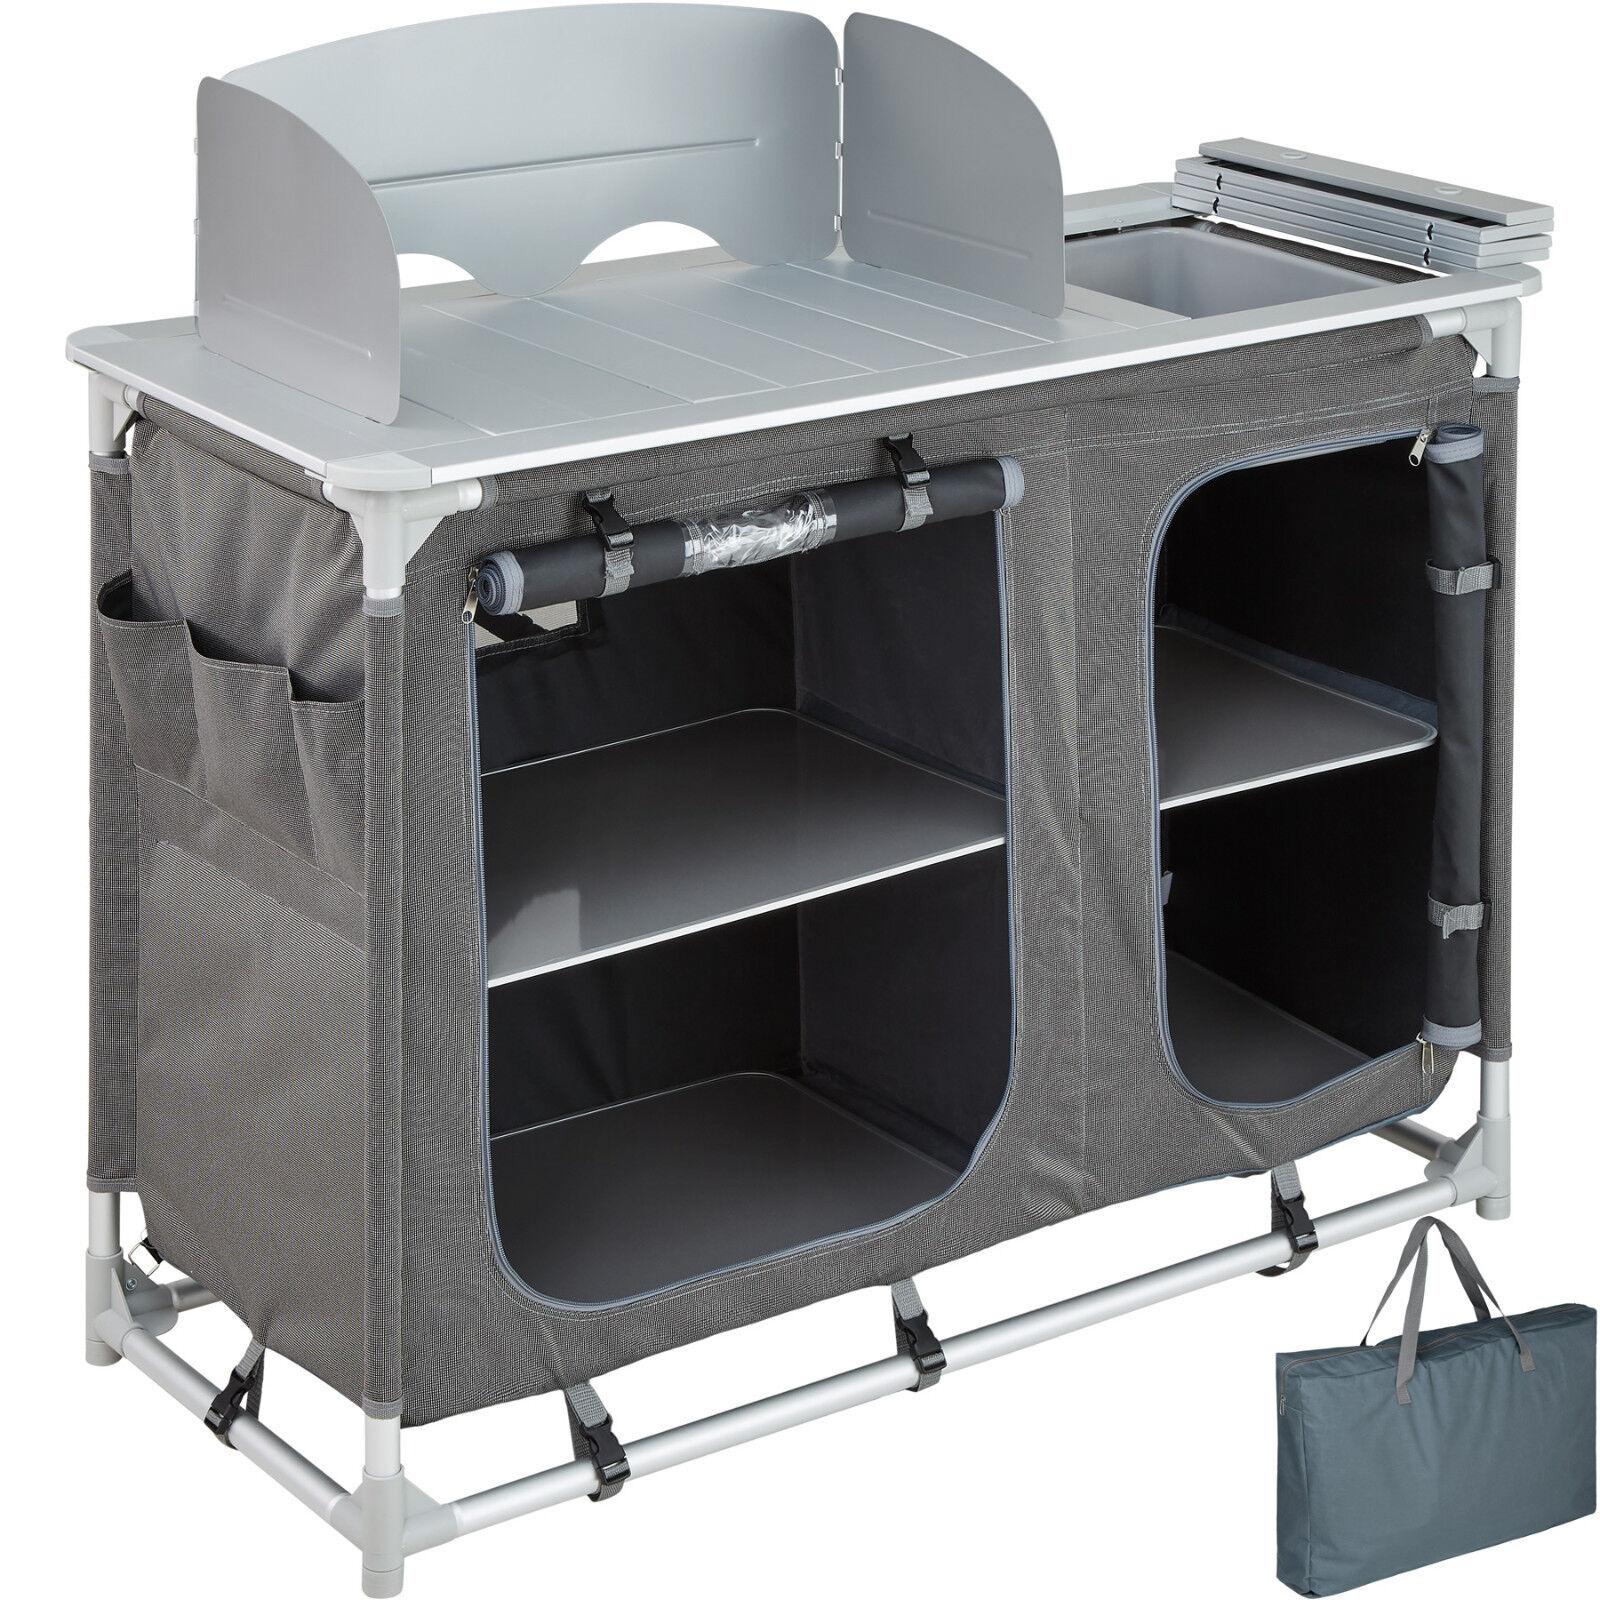 Cocina de camping Aluminio Compartimentos Plegable Bolsa de almacenamiento